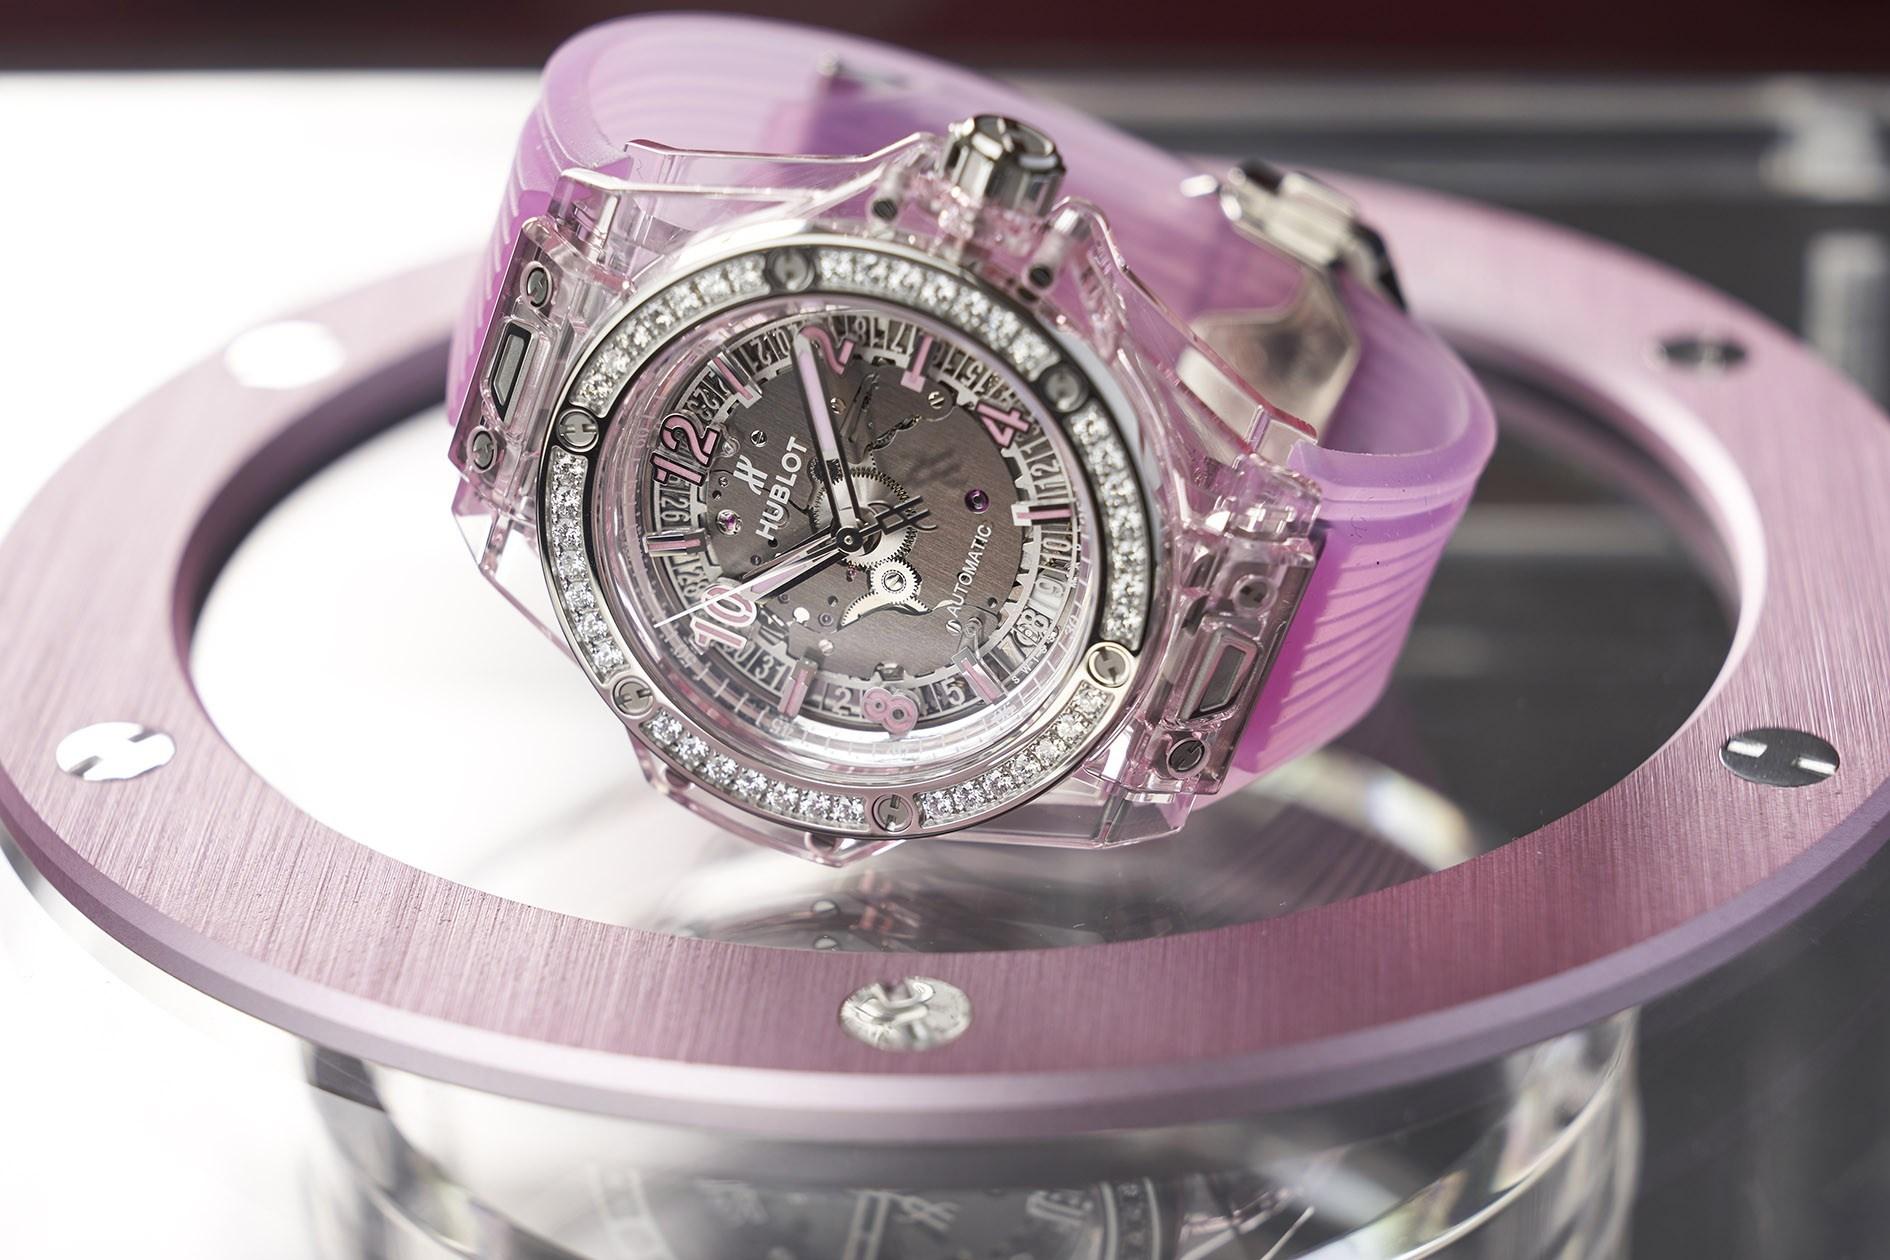 Chiêm ngưỡng đồng hồ Hublot màu hồng Big Bang One Click With Pink Sapphire and Diamonds